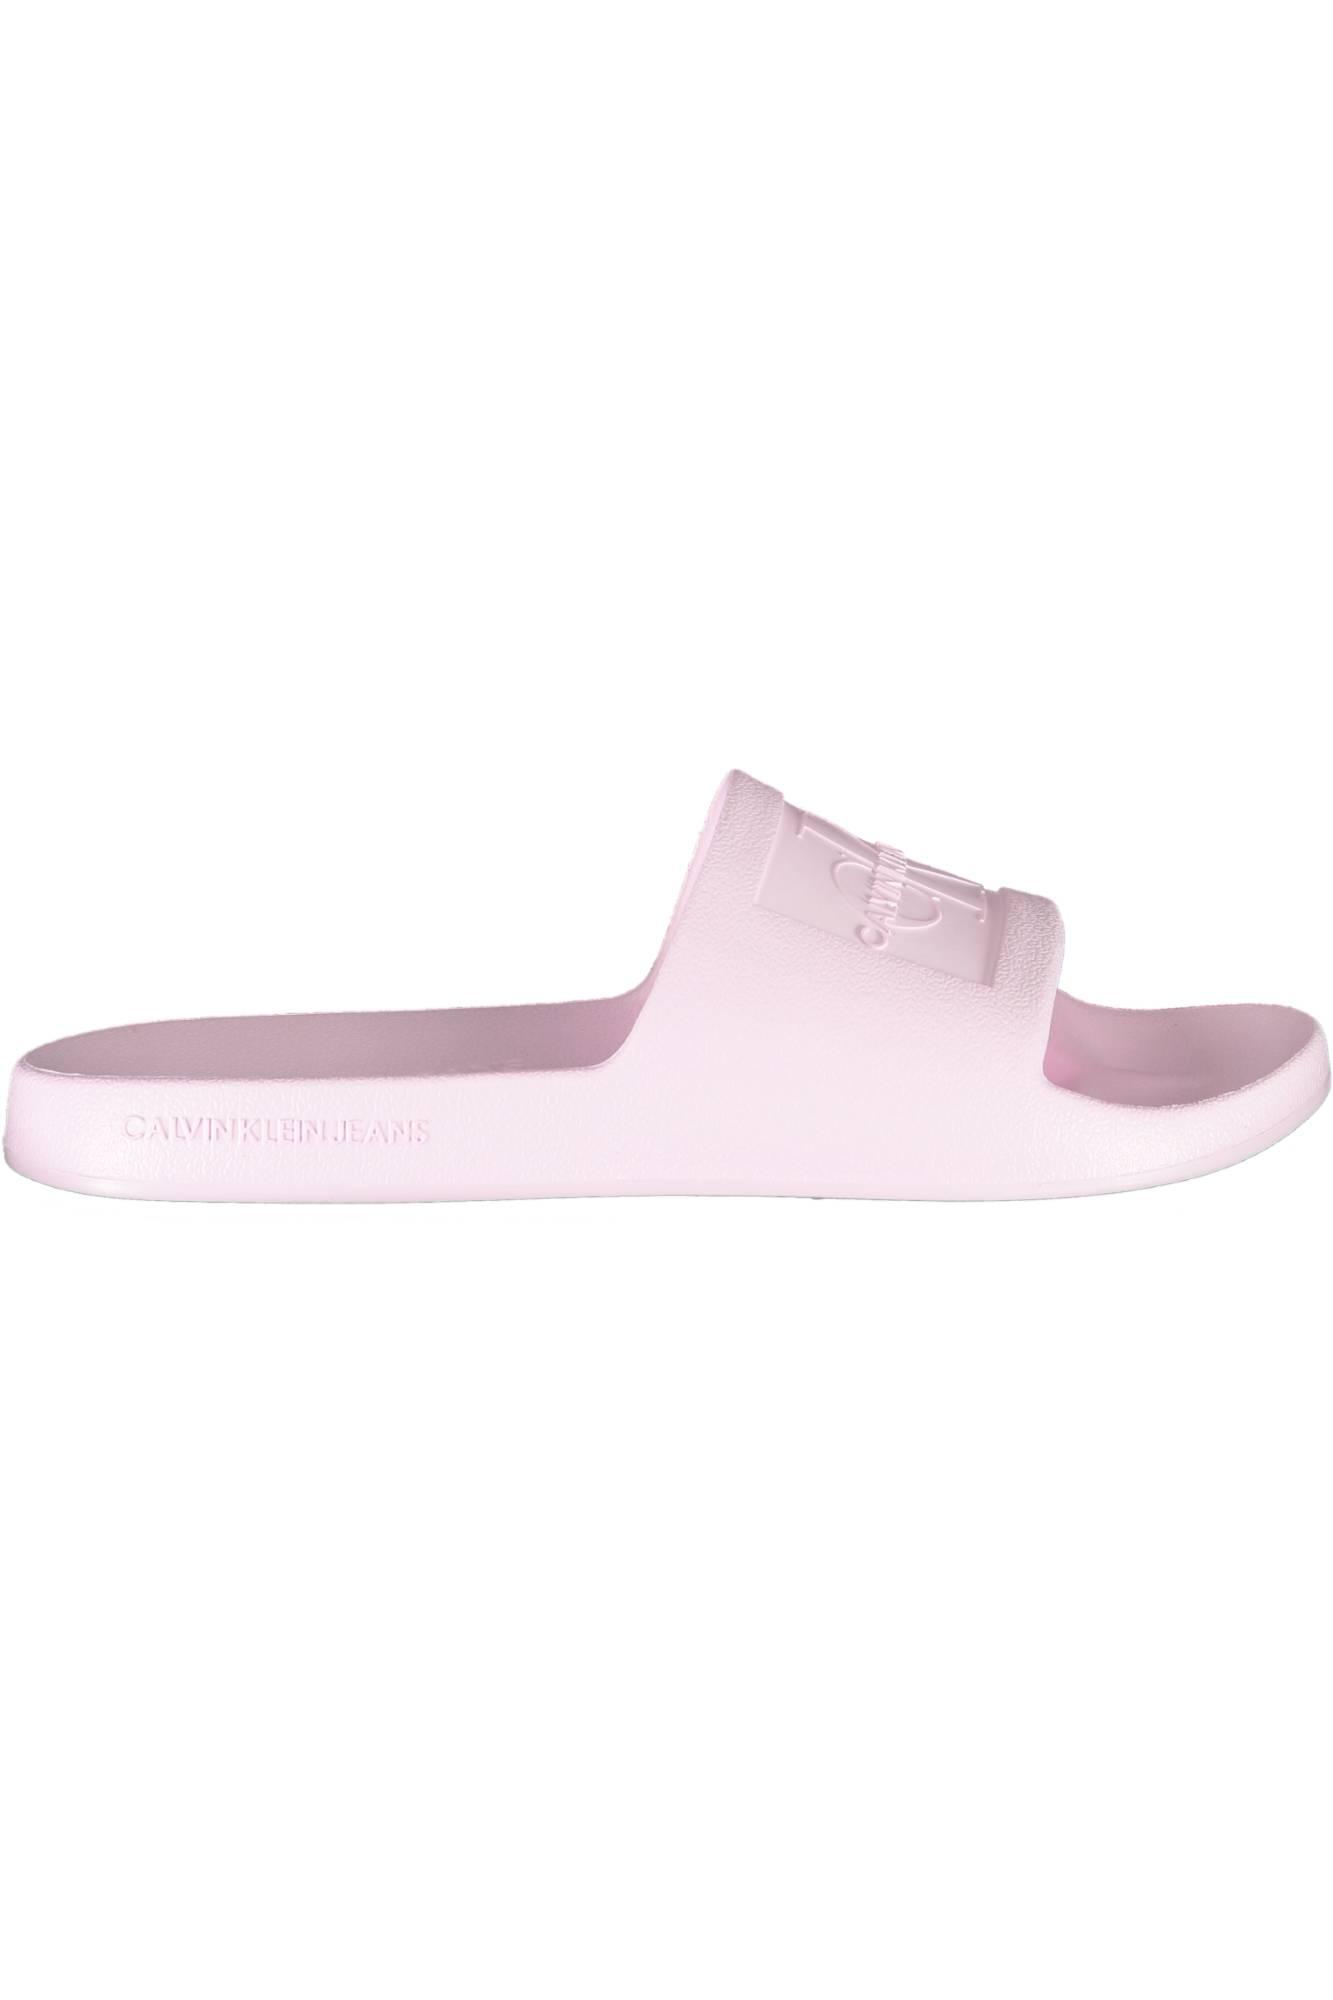 CALVIN KLEIN sandály ROSA